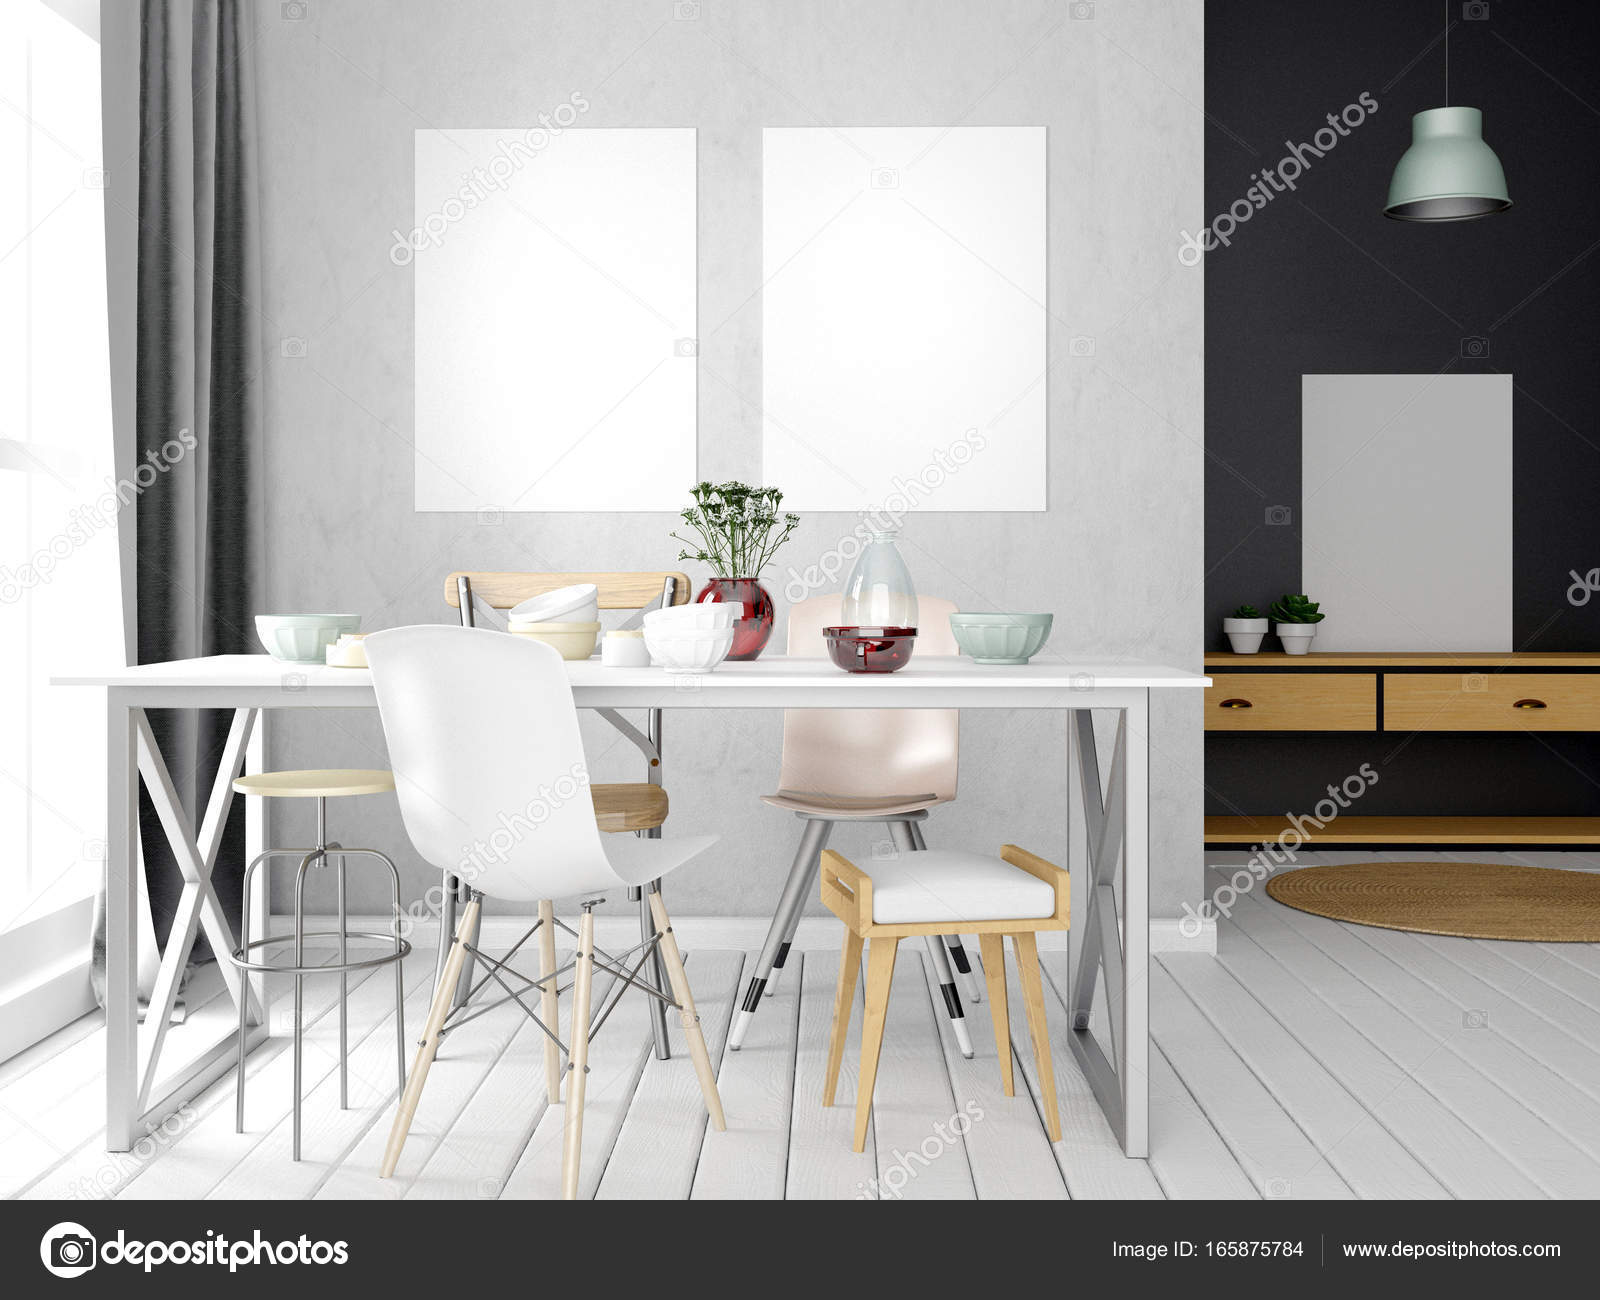 Eethoek In Woonkamer : Mock up poster in interieur met eethoek moderne woonkamer